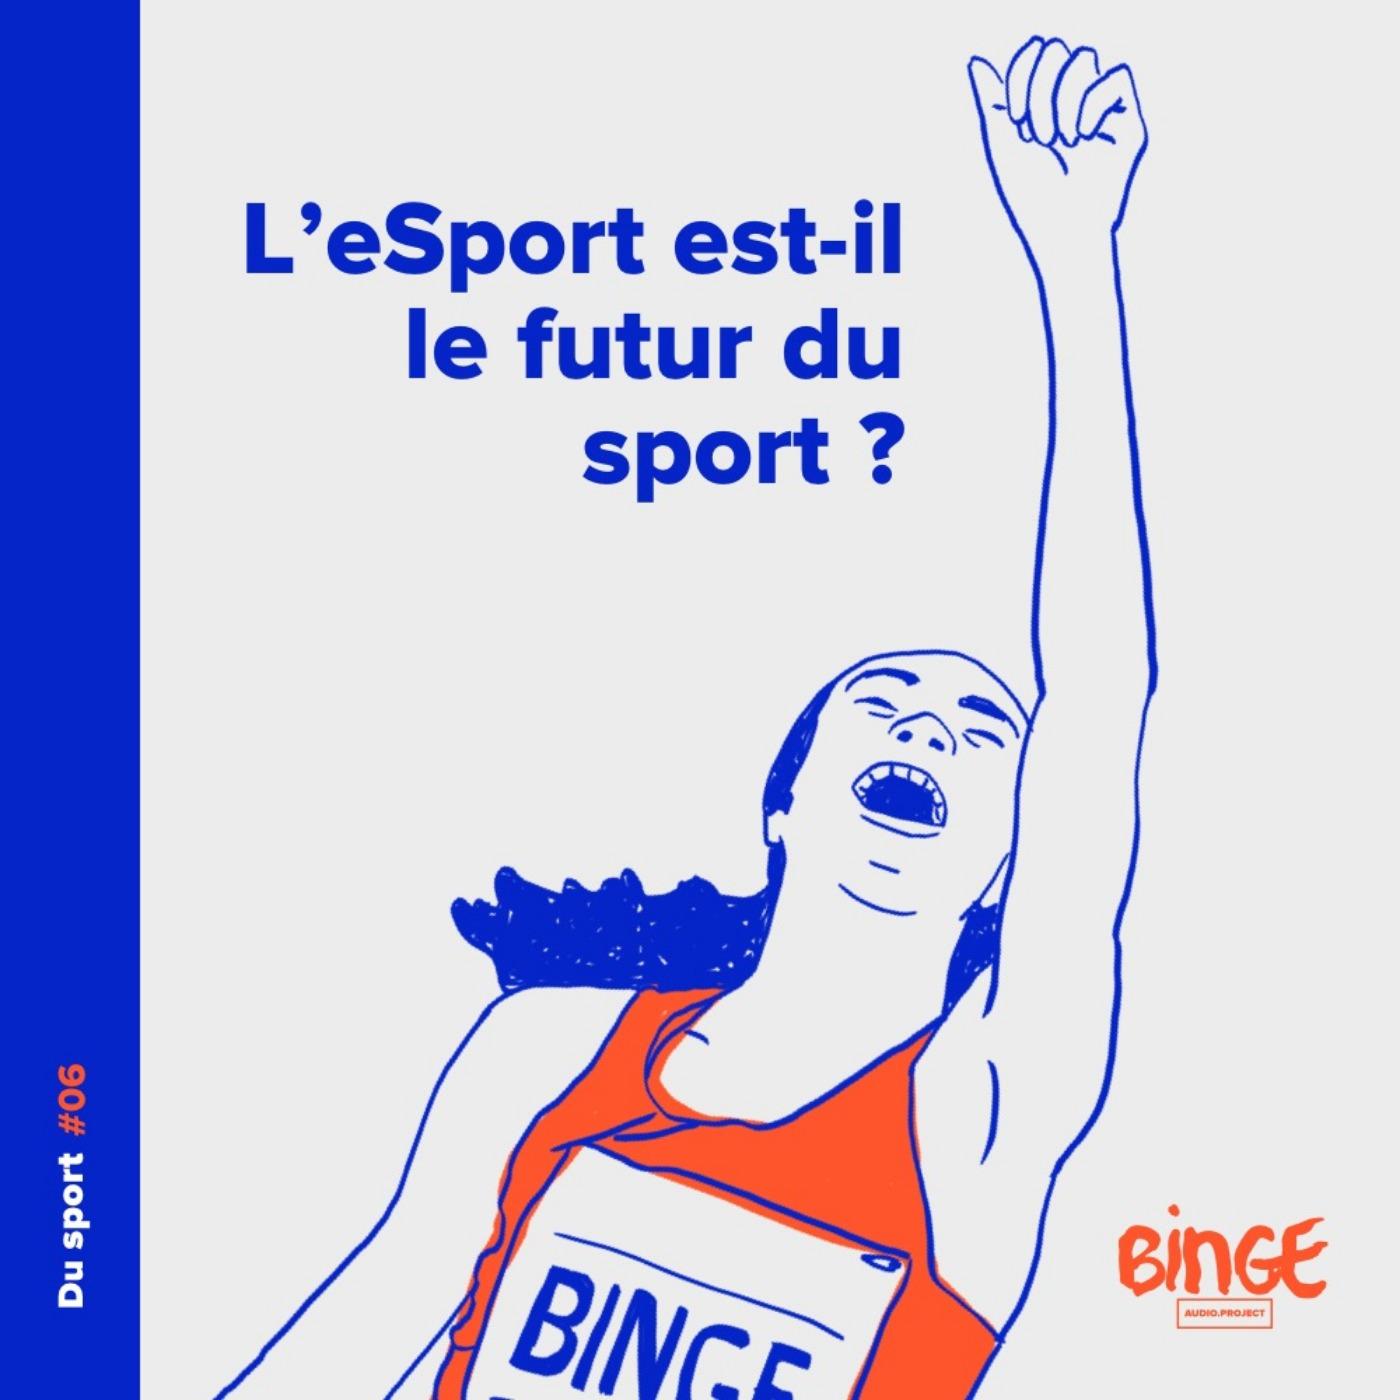 Le eSport est-il le futur du sport ?